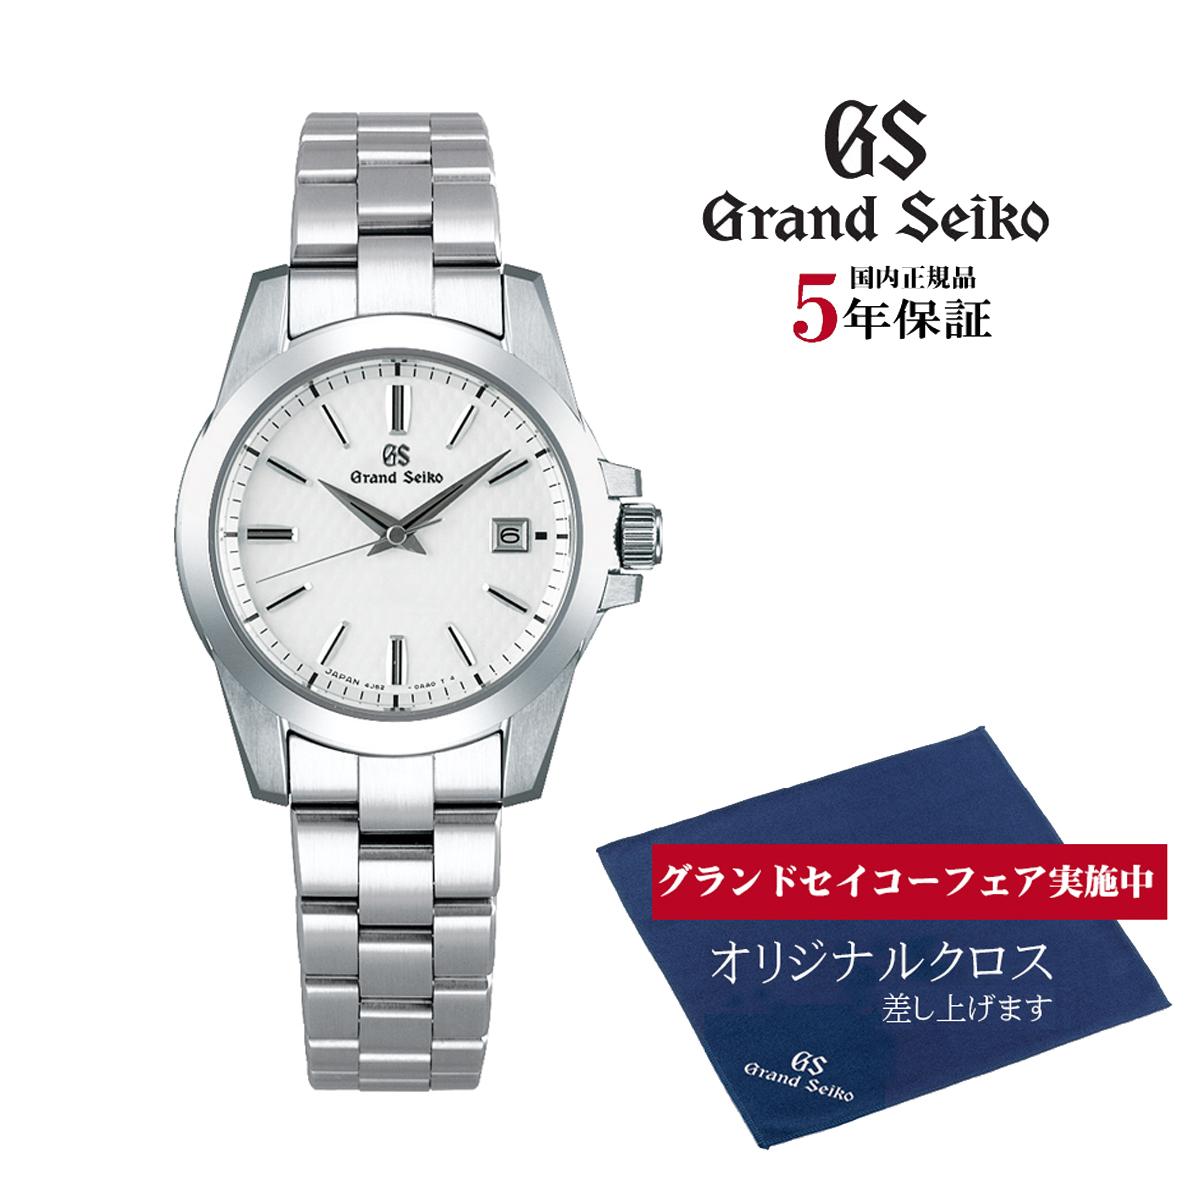 グランドセイコー Grand Seiko 正規メーカー保証3年 STGF253 クォーツモデル 正規品 腕時計